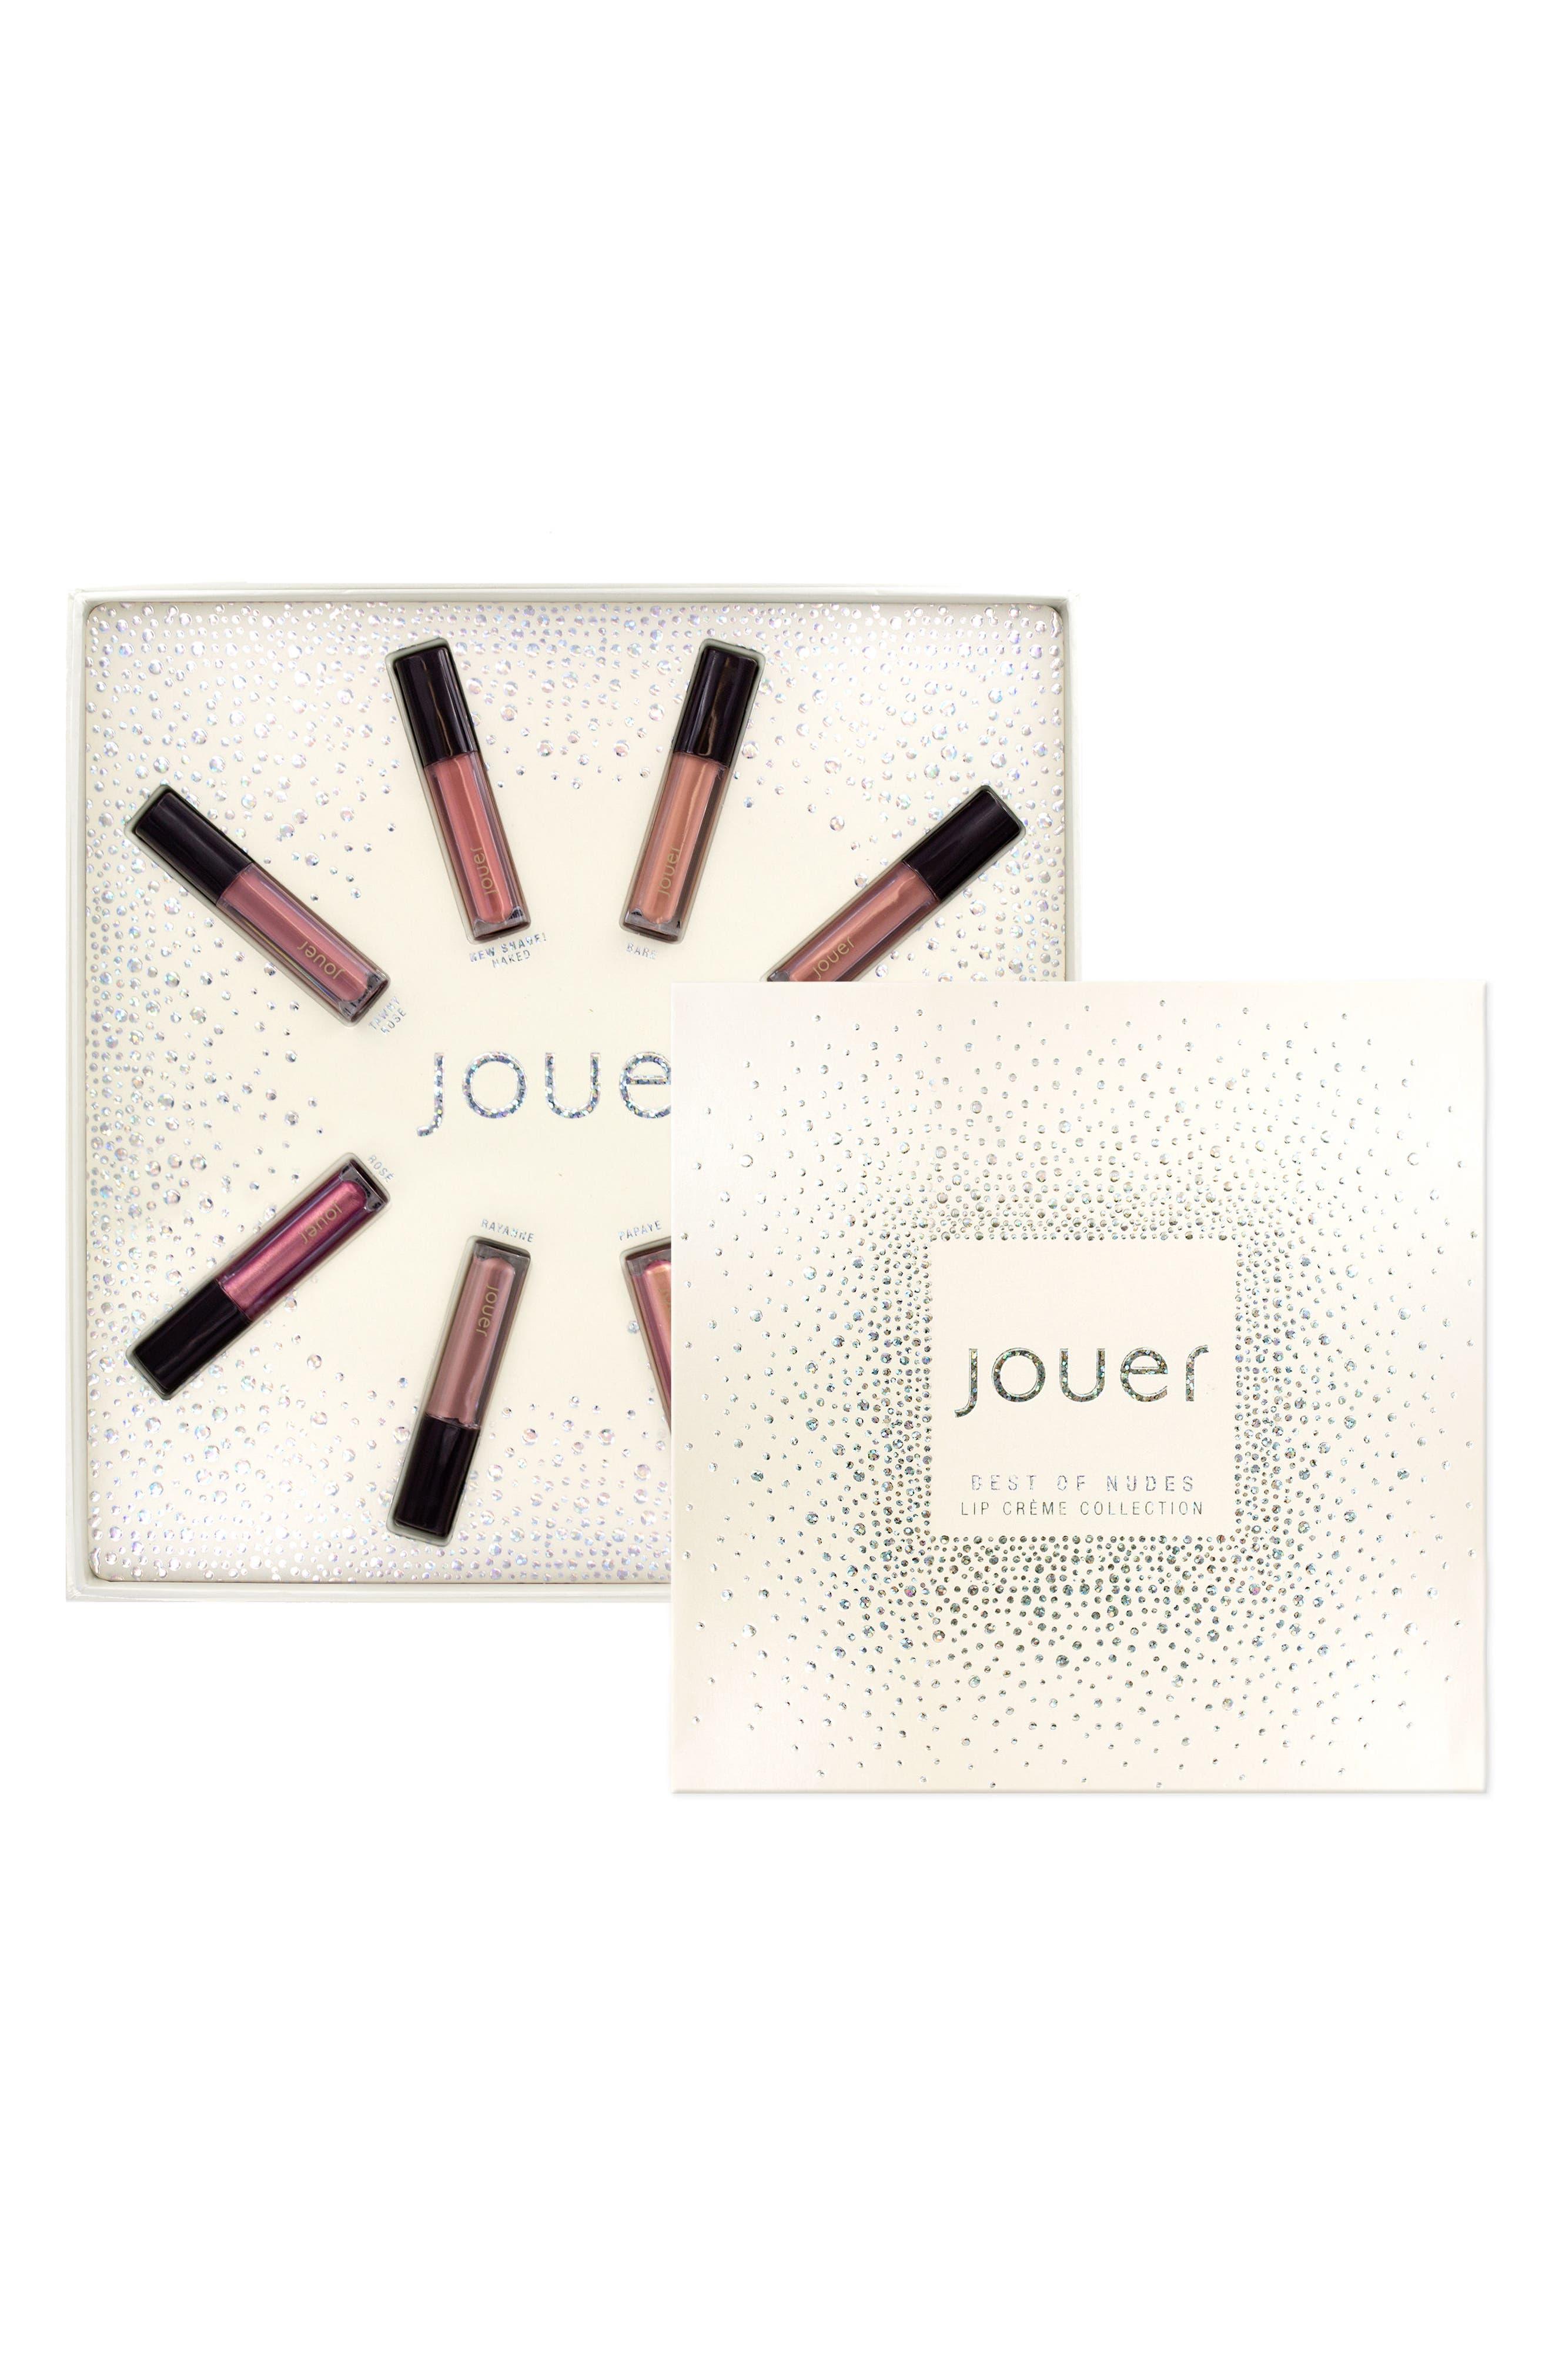 Best of Nudes Mini Long-Wear Lip Crème Liquid Lipstick Collection,                             Alternate thumbnail 2, color,                             000